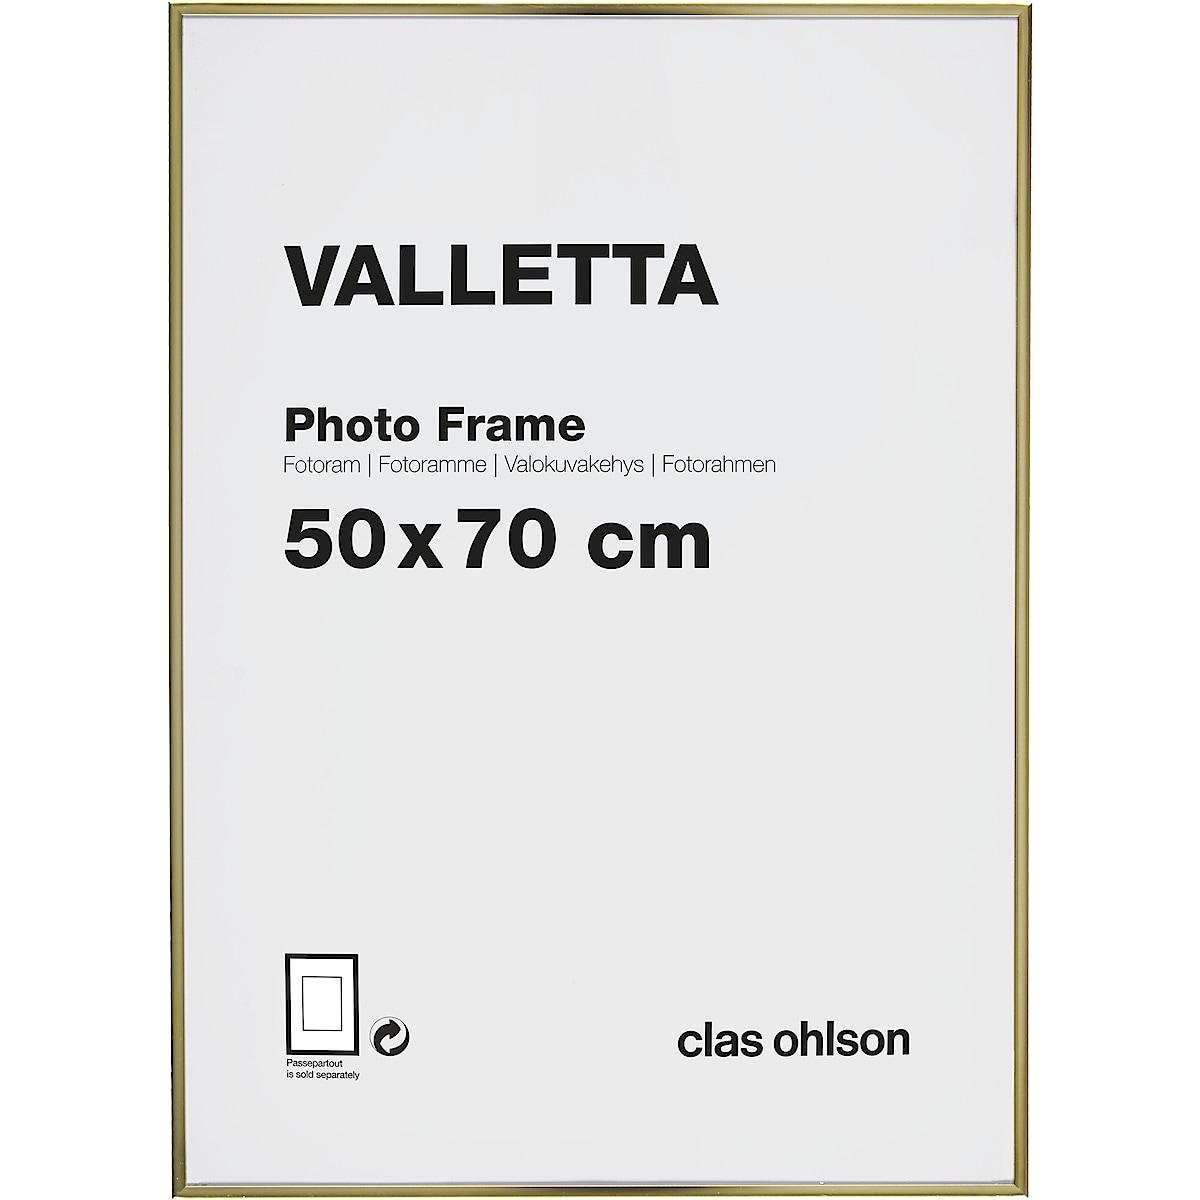 Valokuvakehys Valletta